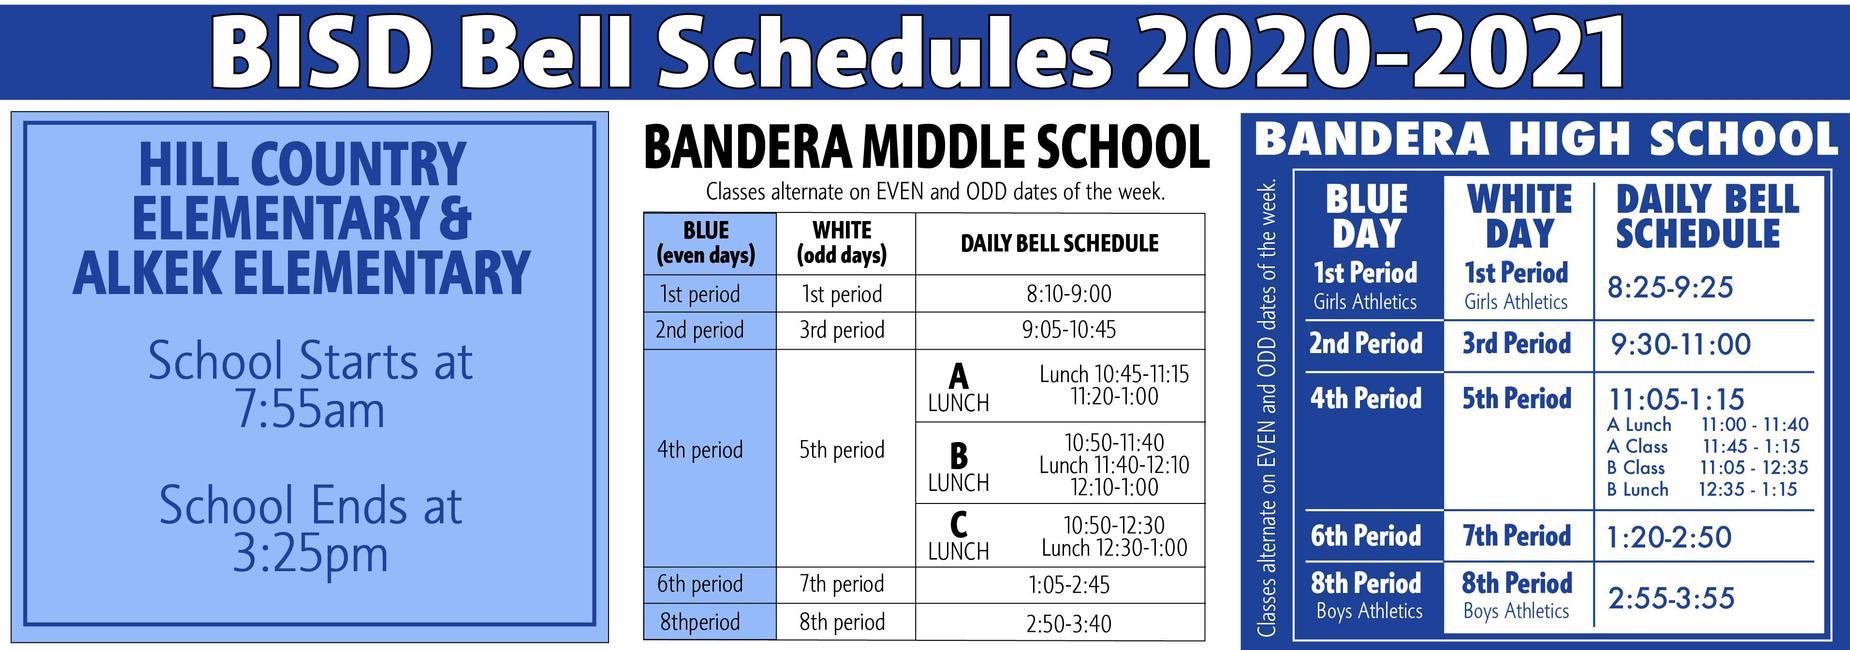 BISD Bell Schedule 2020-2021